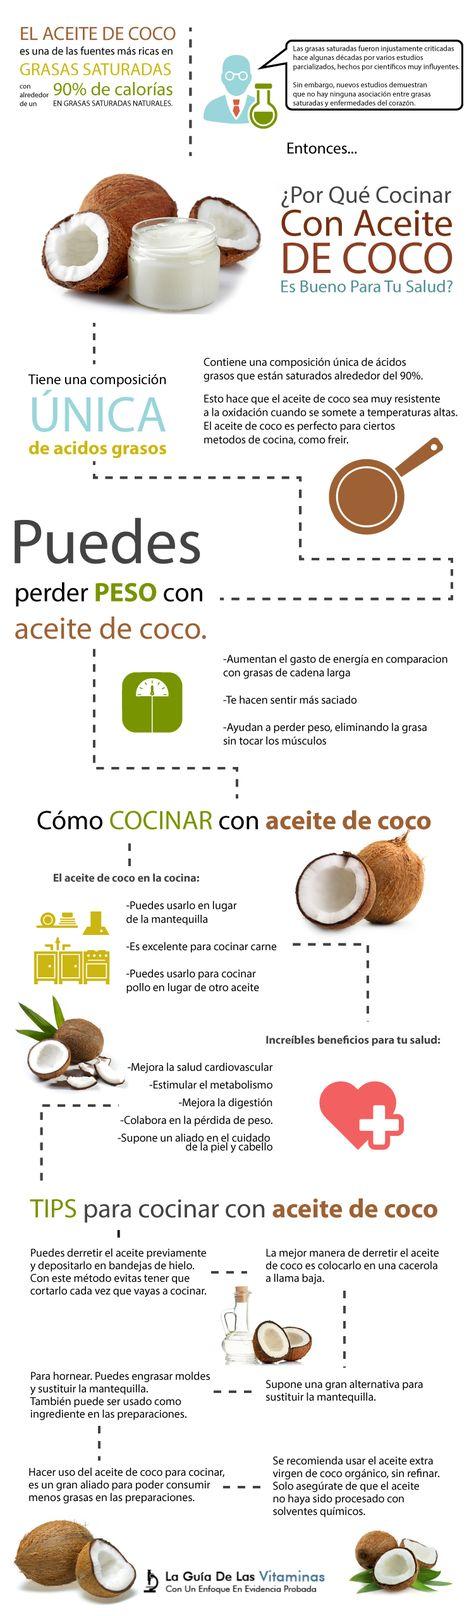 Aceite de coco es bueno para bajar de peso